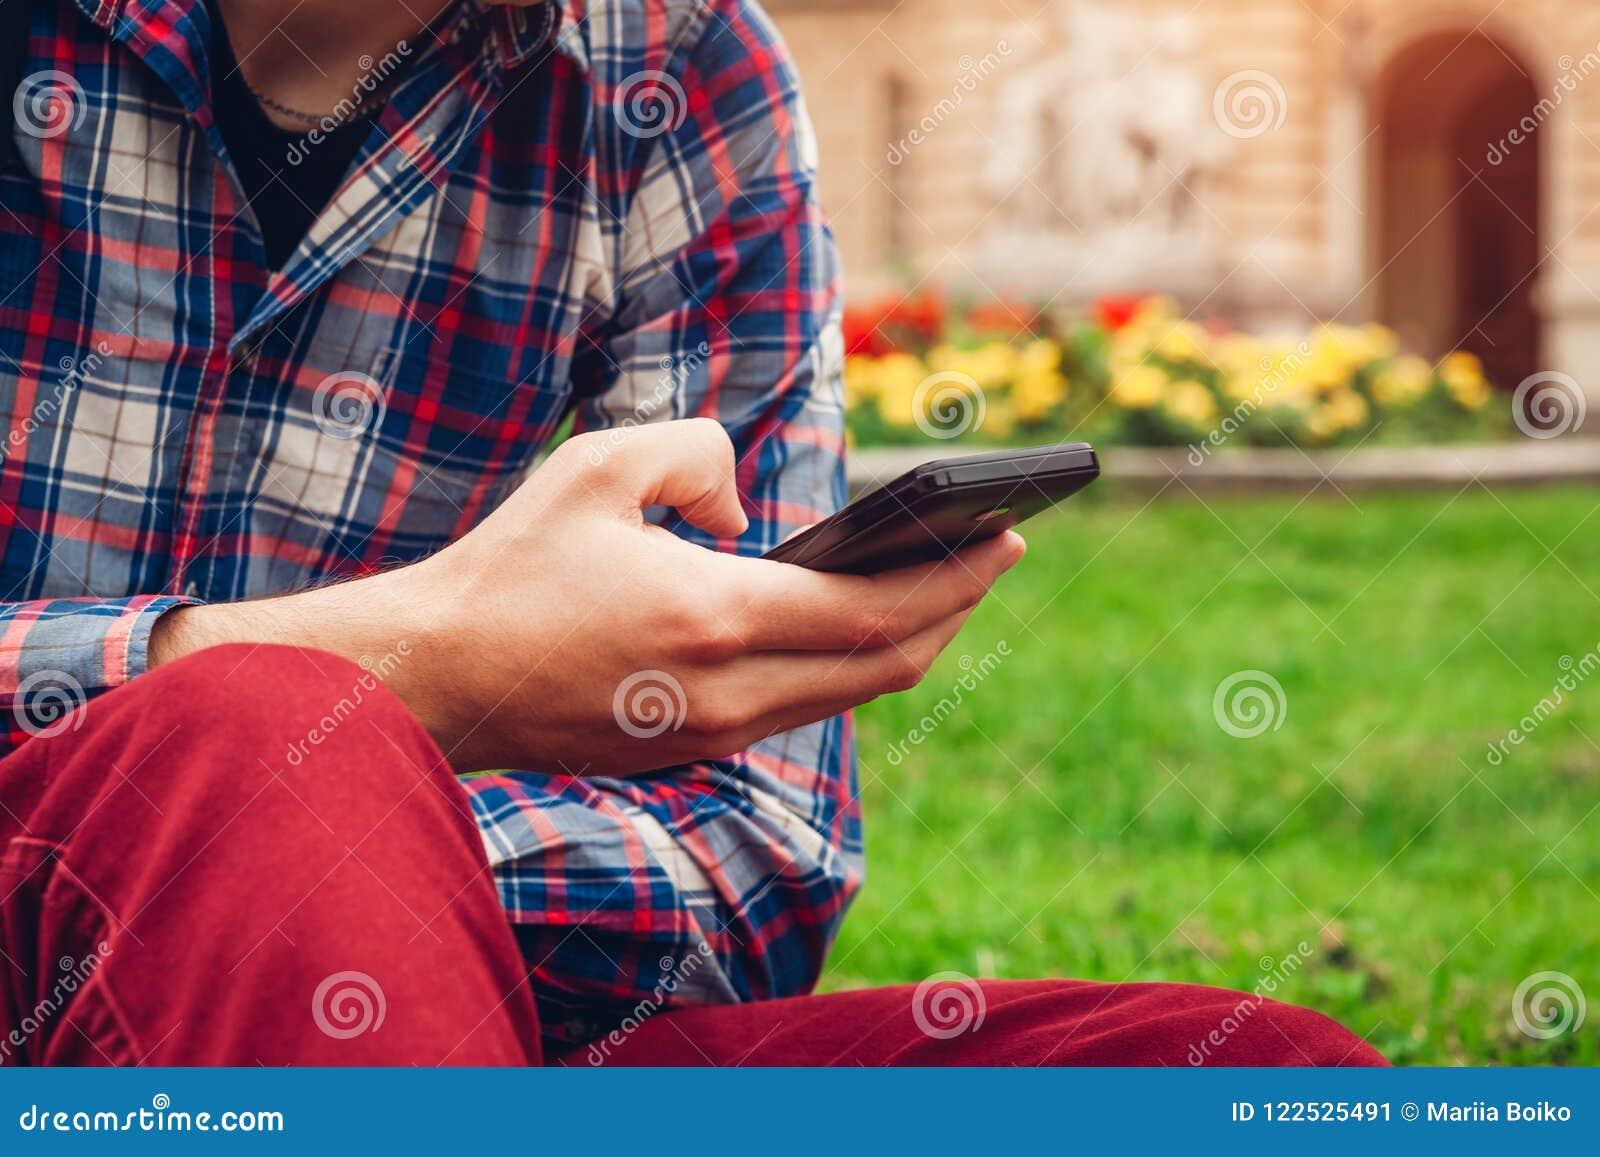 Uomo di istituto universitario bello che raffredda nel parco della città universitaria di primavera Studente felice del tipo che